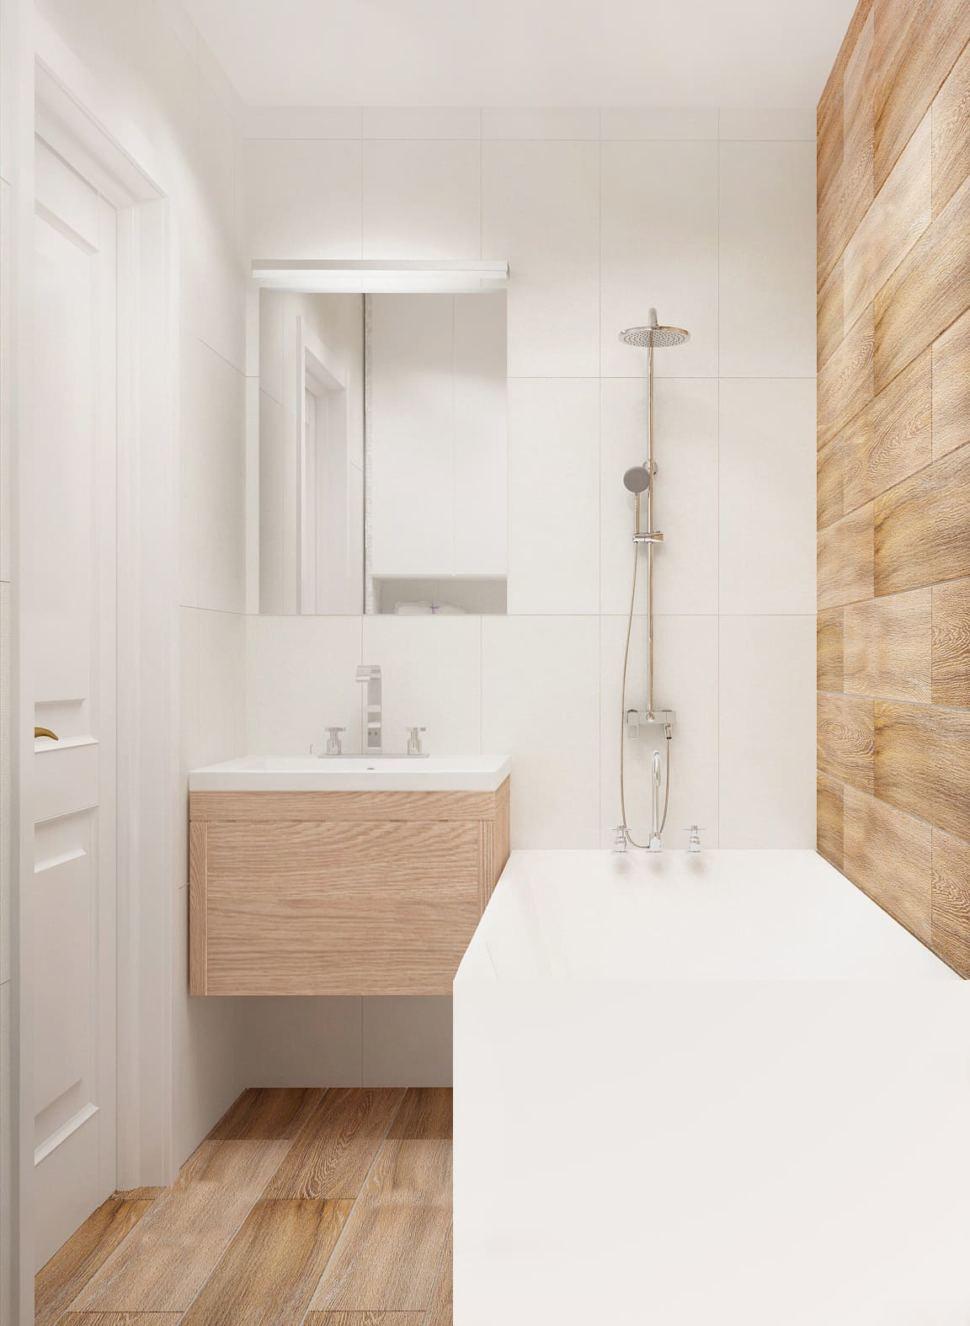 Визуализация ванной комнаты 3 кв.м в древесных и белых оттенках, ванная, душ, зеркало, белая раковина, плитка